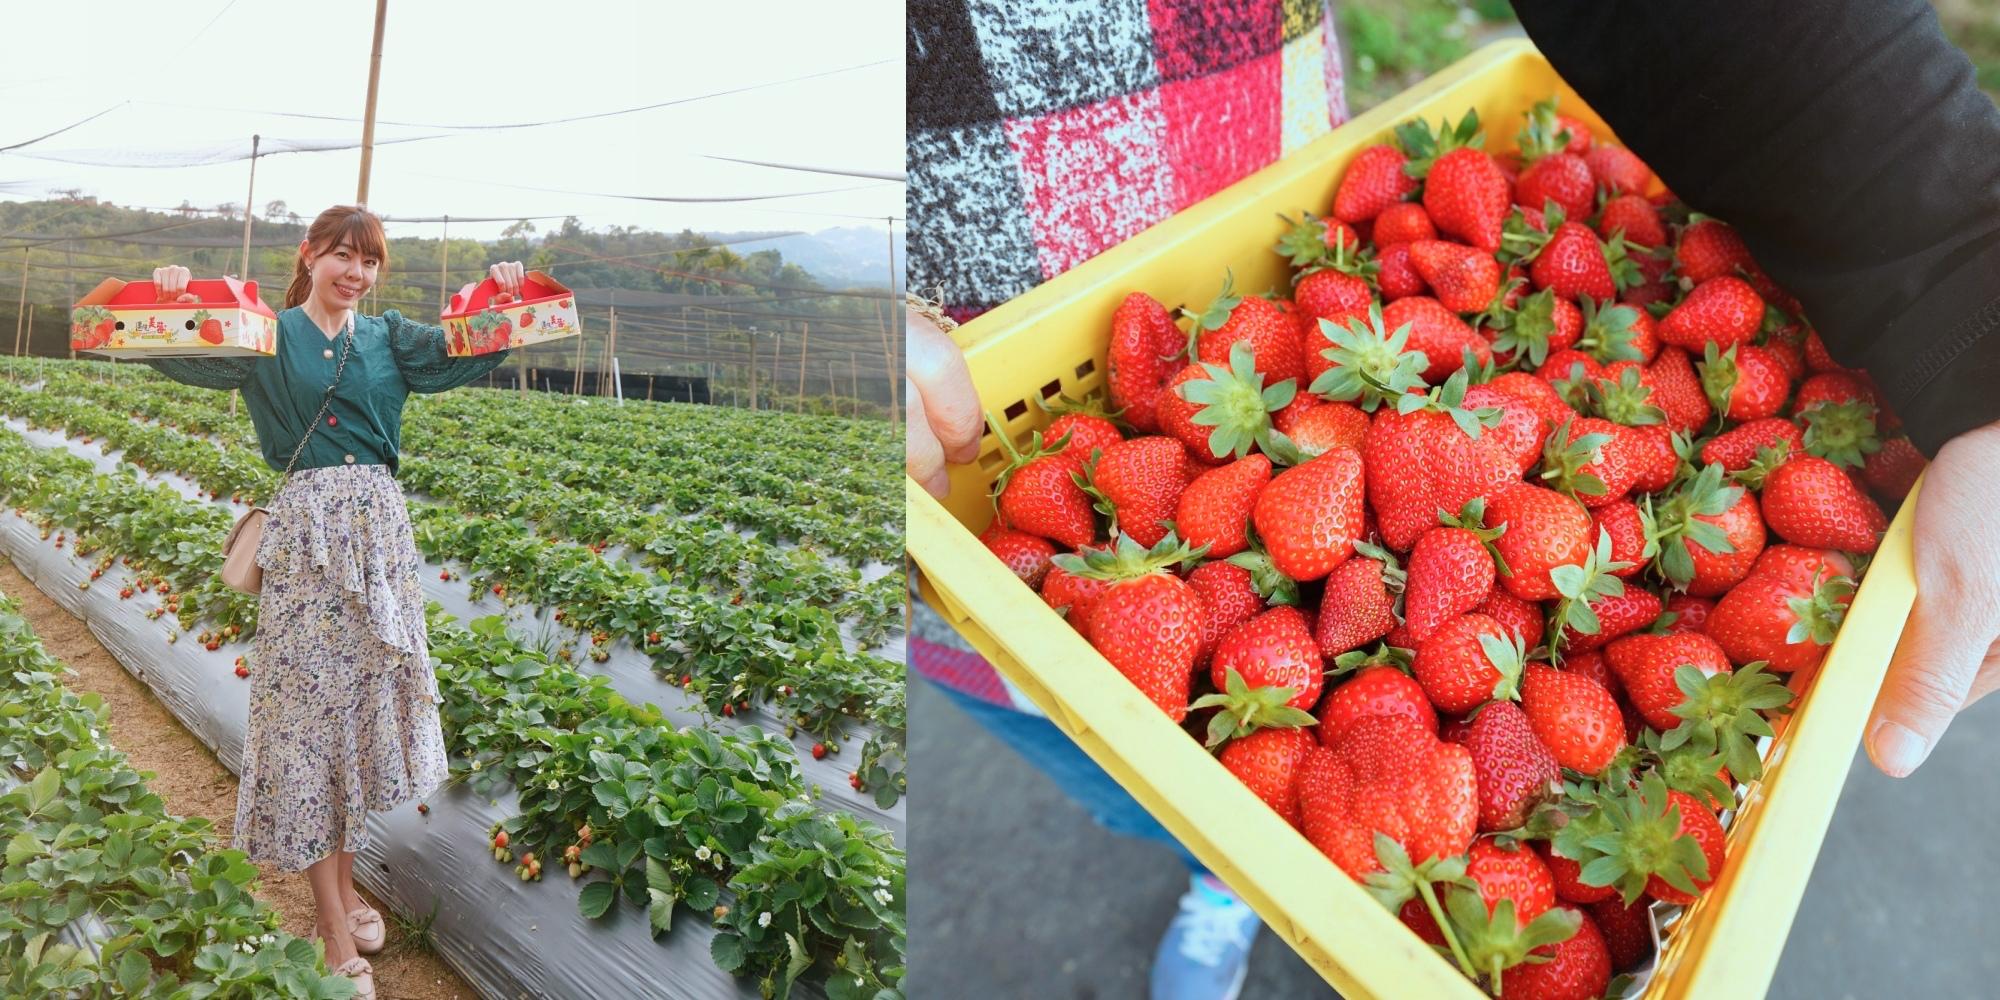 苗栗大湖幸福莓滿草莓園|大湖草莓園推薦|香水草莓、美姬草莓、豐香草莓|免門票草莓園